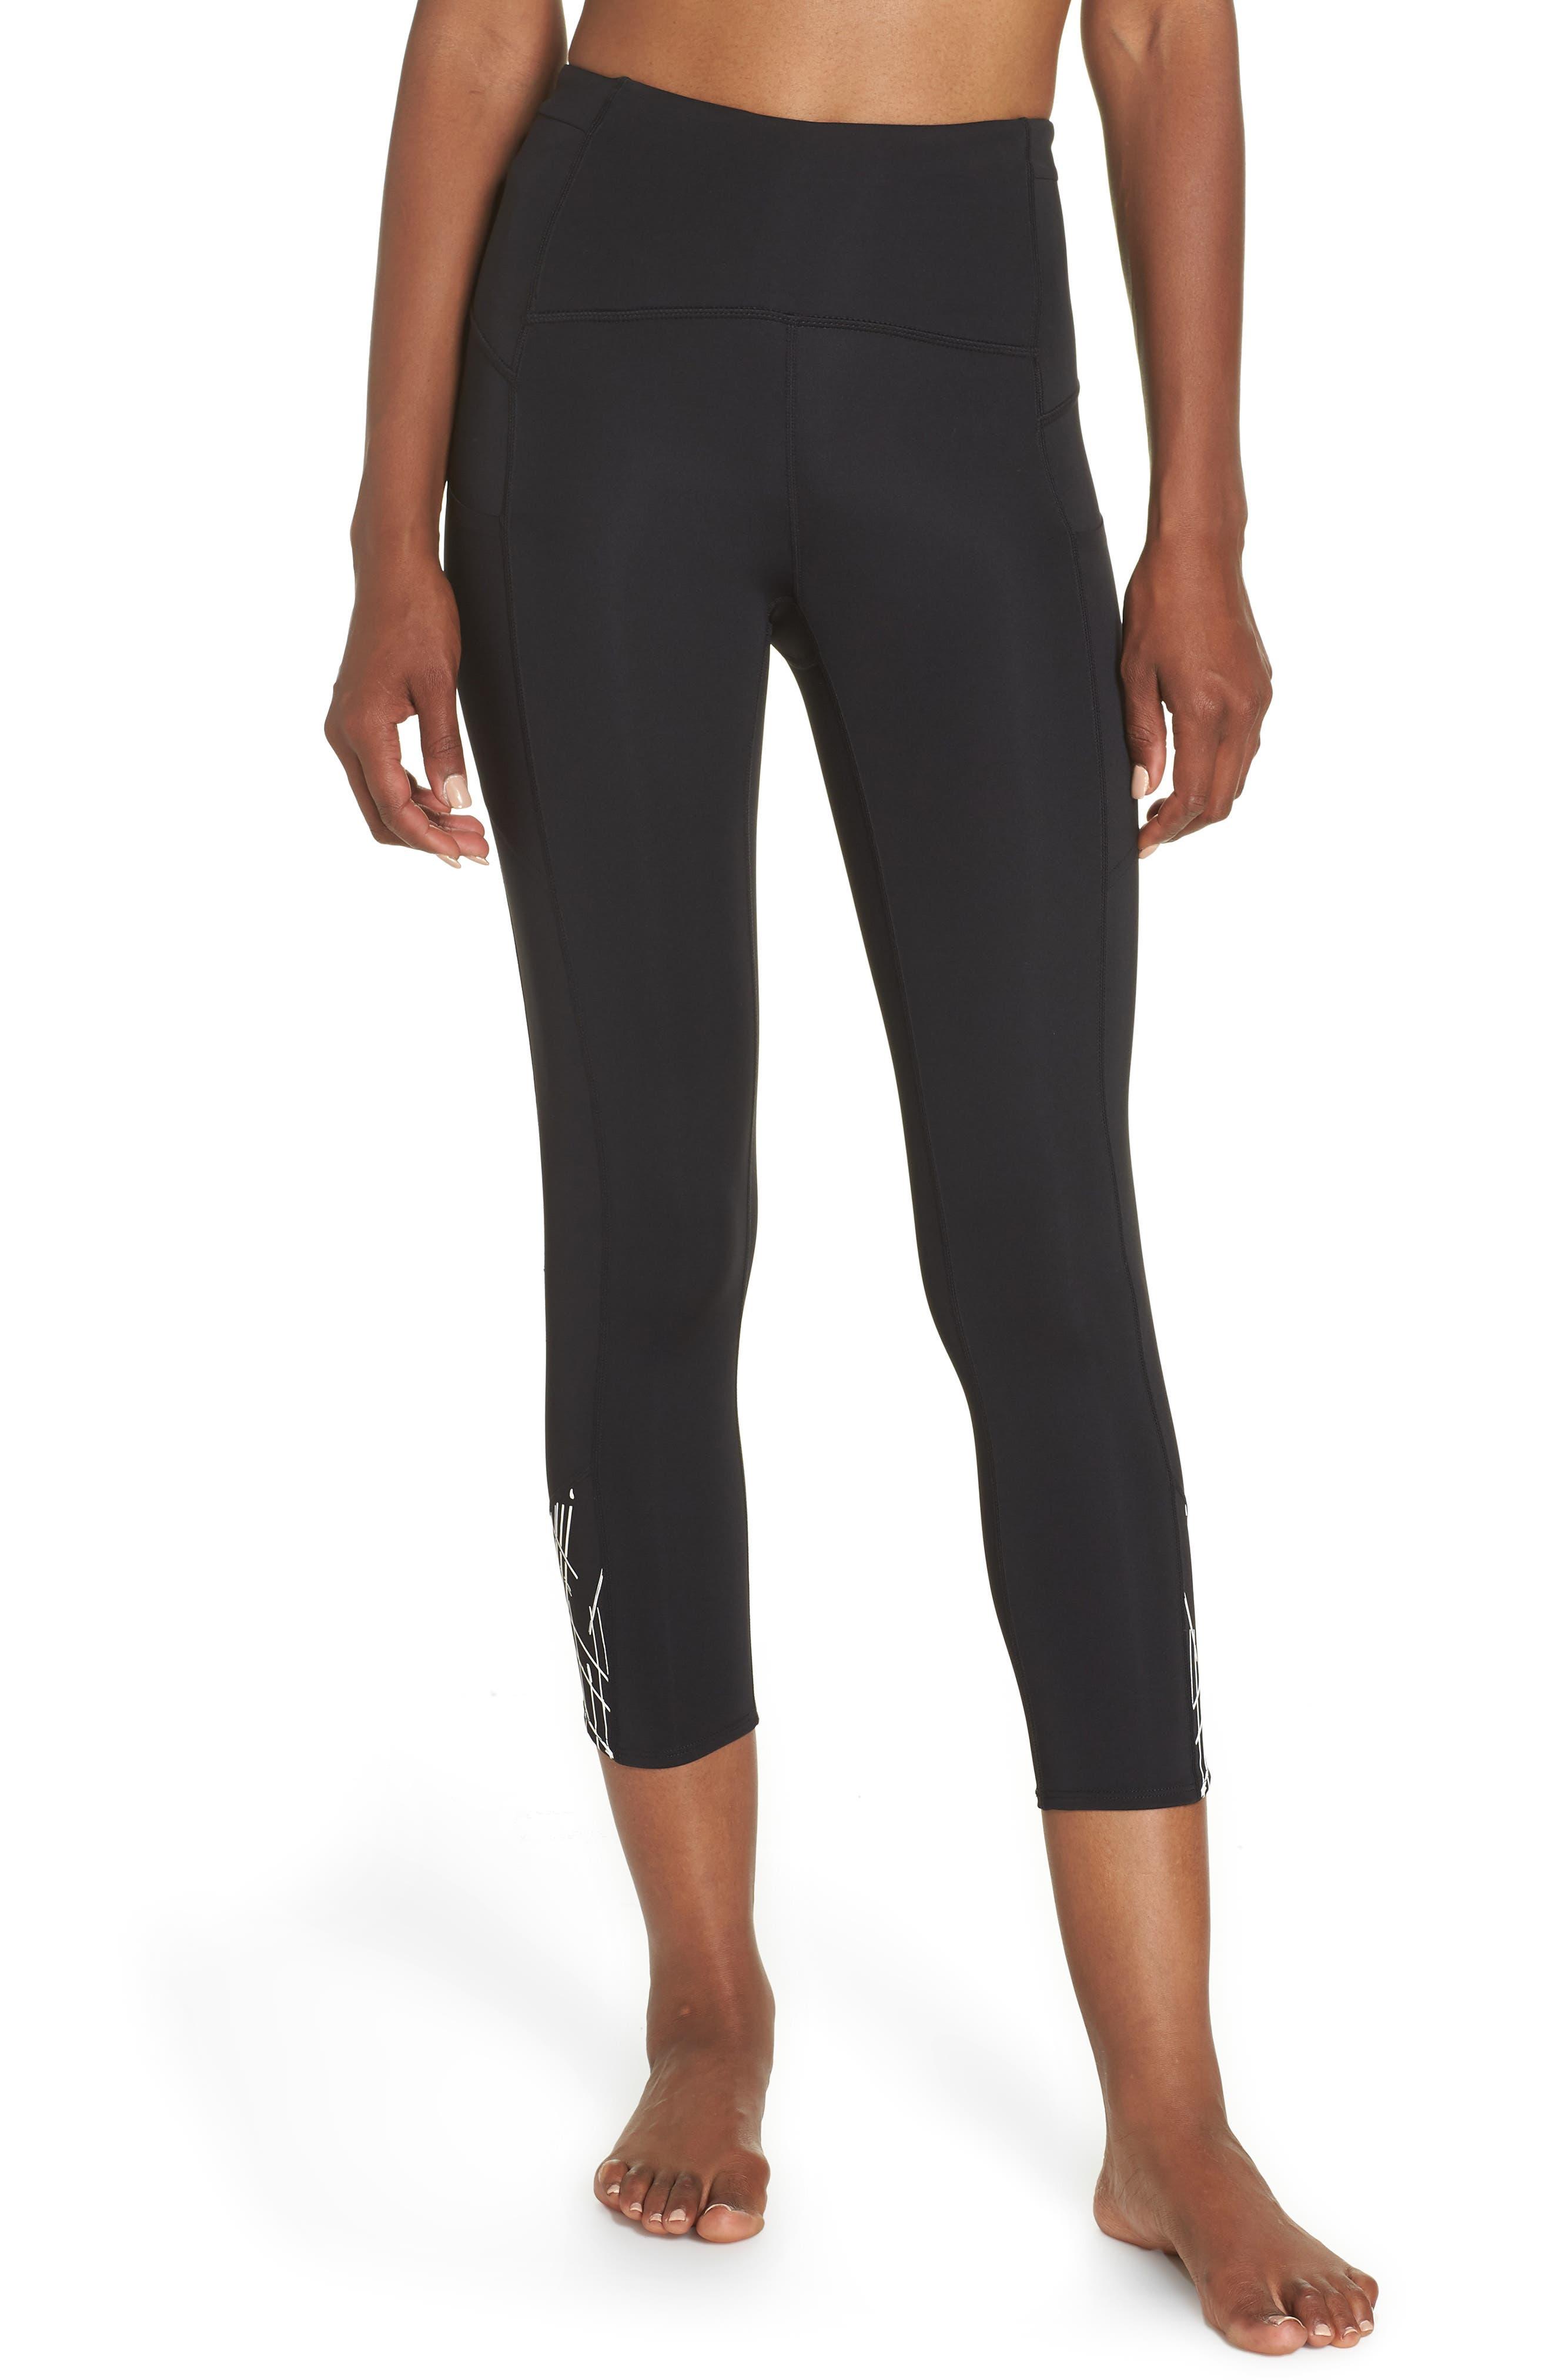 High Waist Run Sprint In Crop Leggings,                         Main,                         color, BLACK